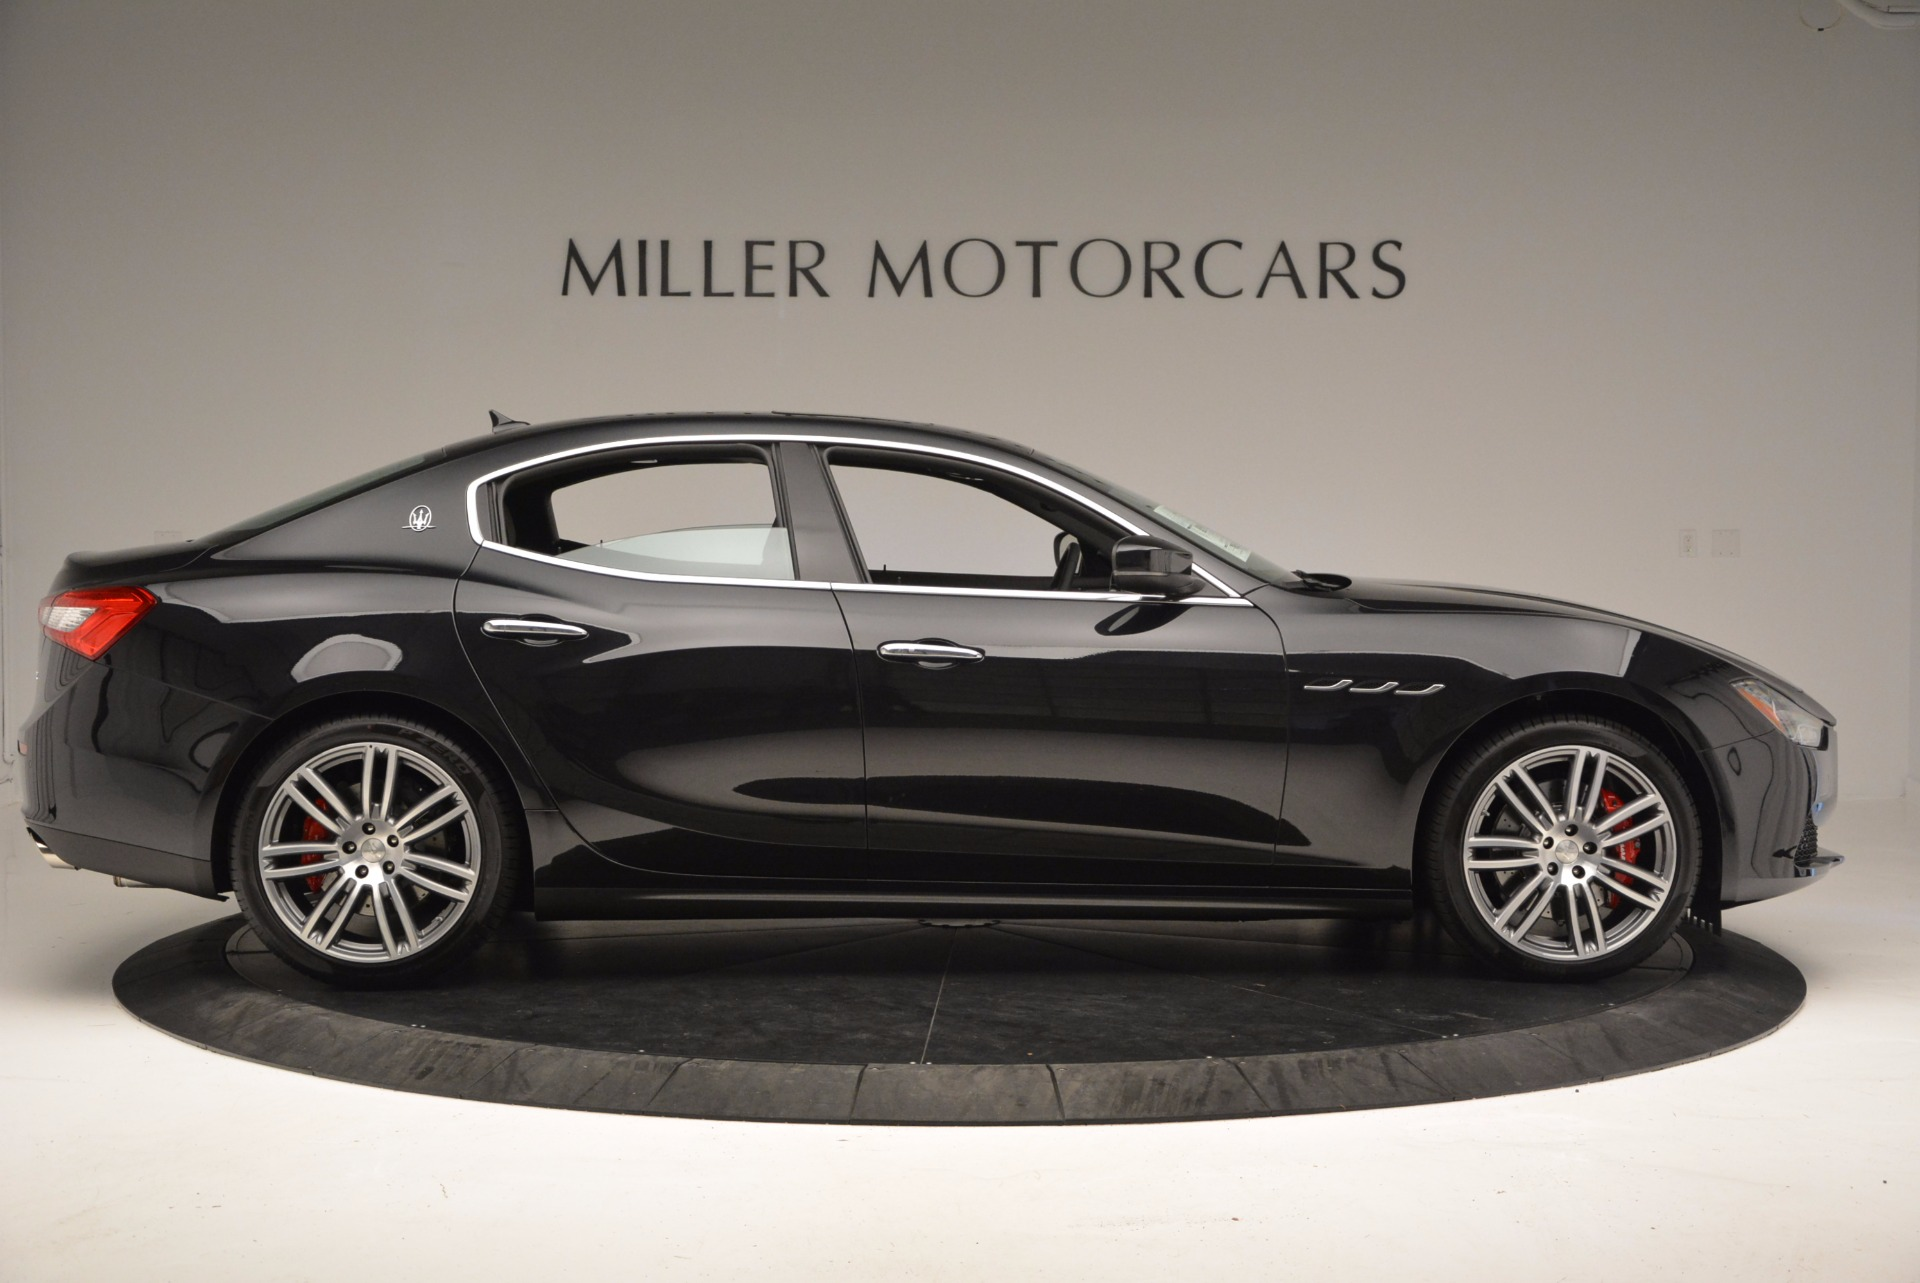 New 2017 Maserati Ghibli SQ4